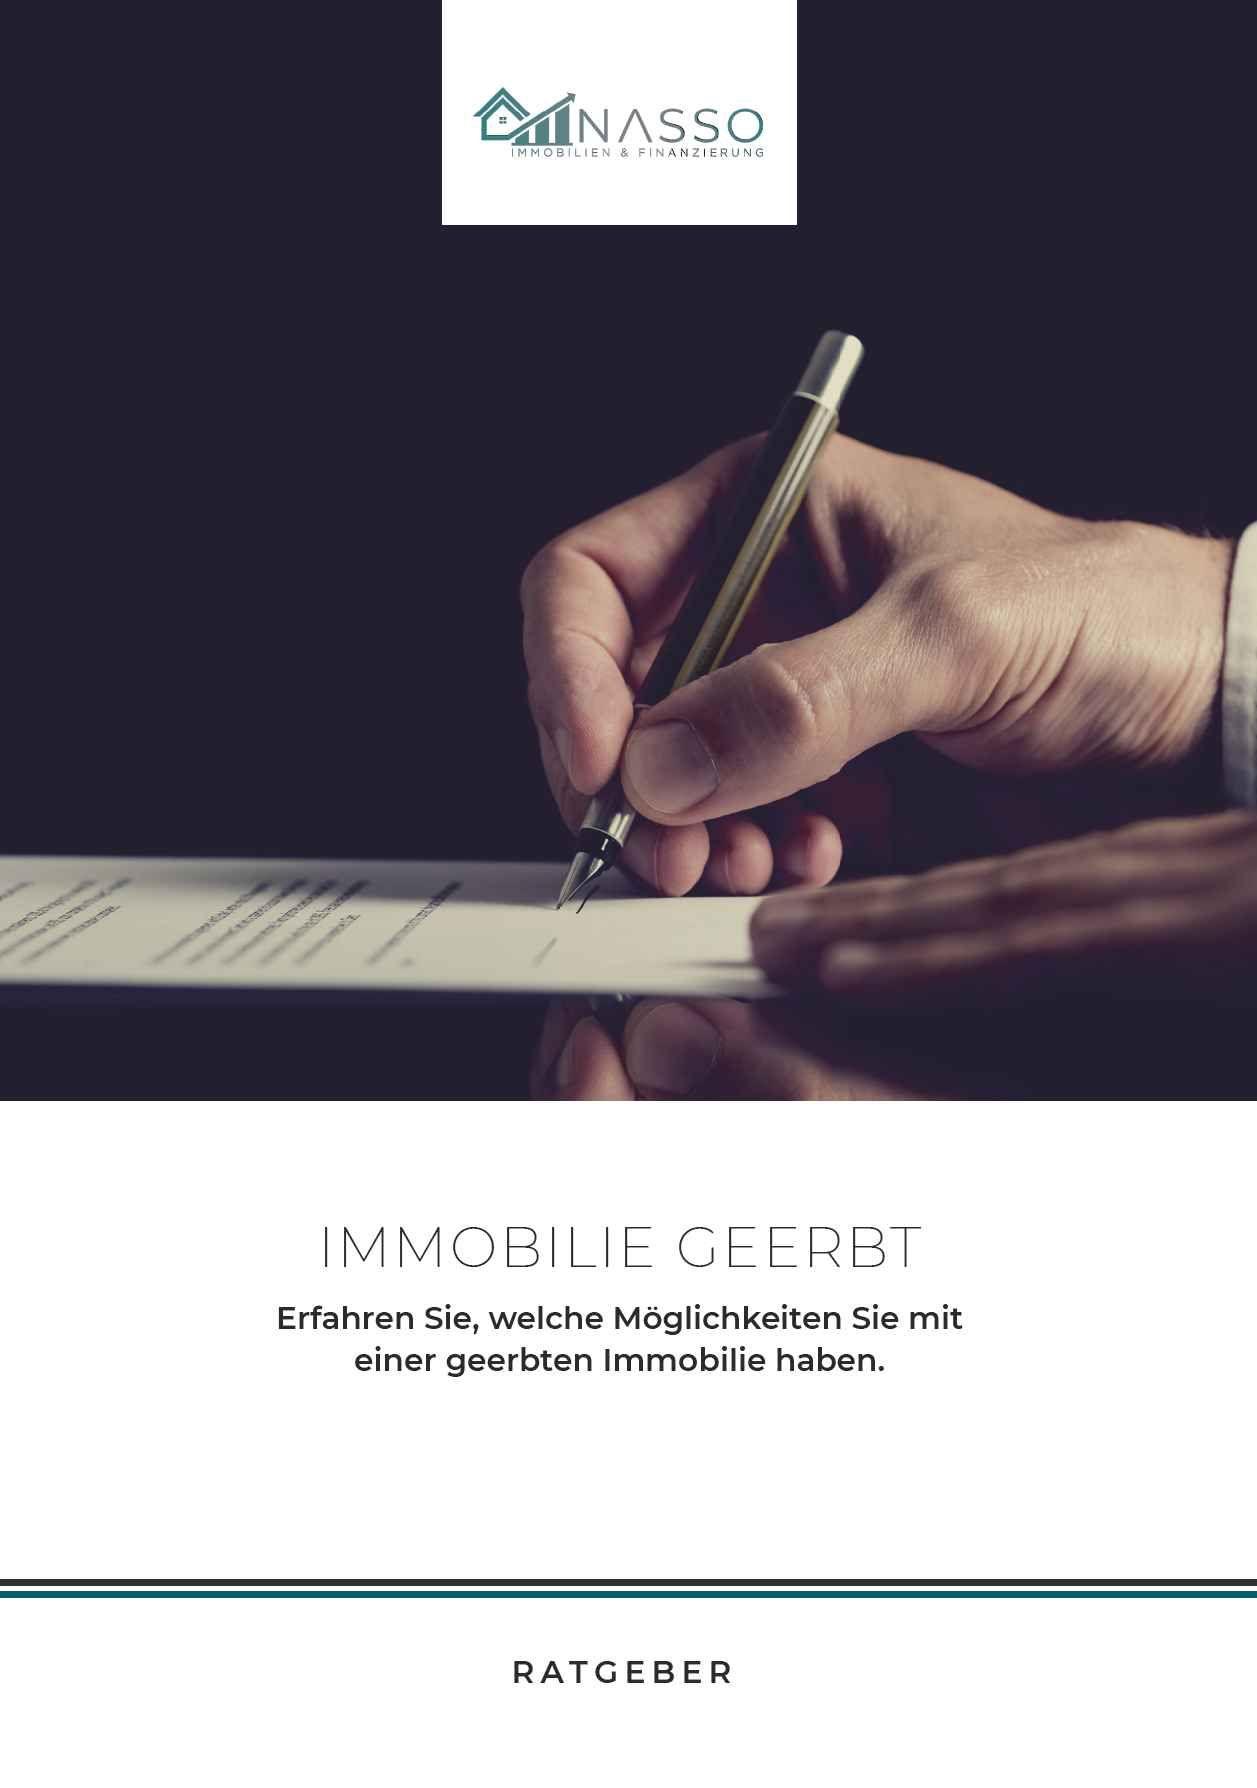 immonasso-ratgeber-immobilie-geerbt